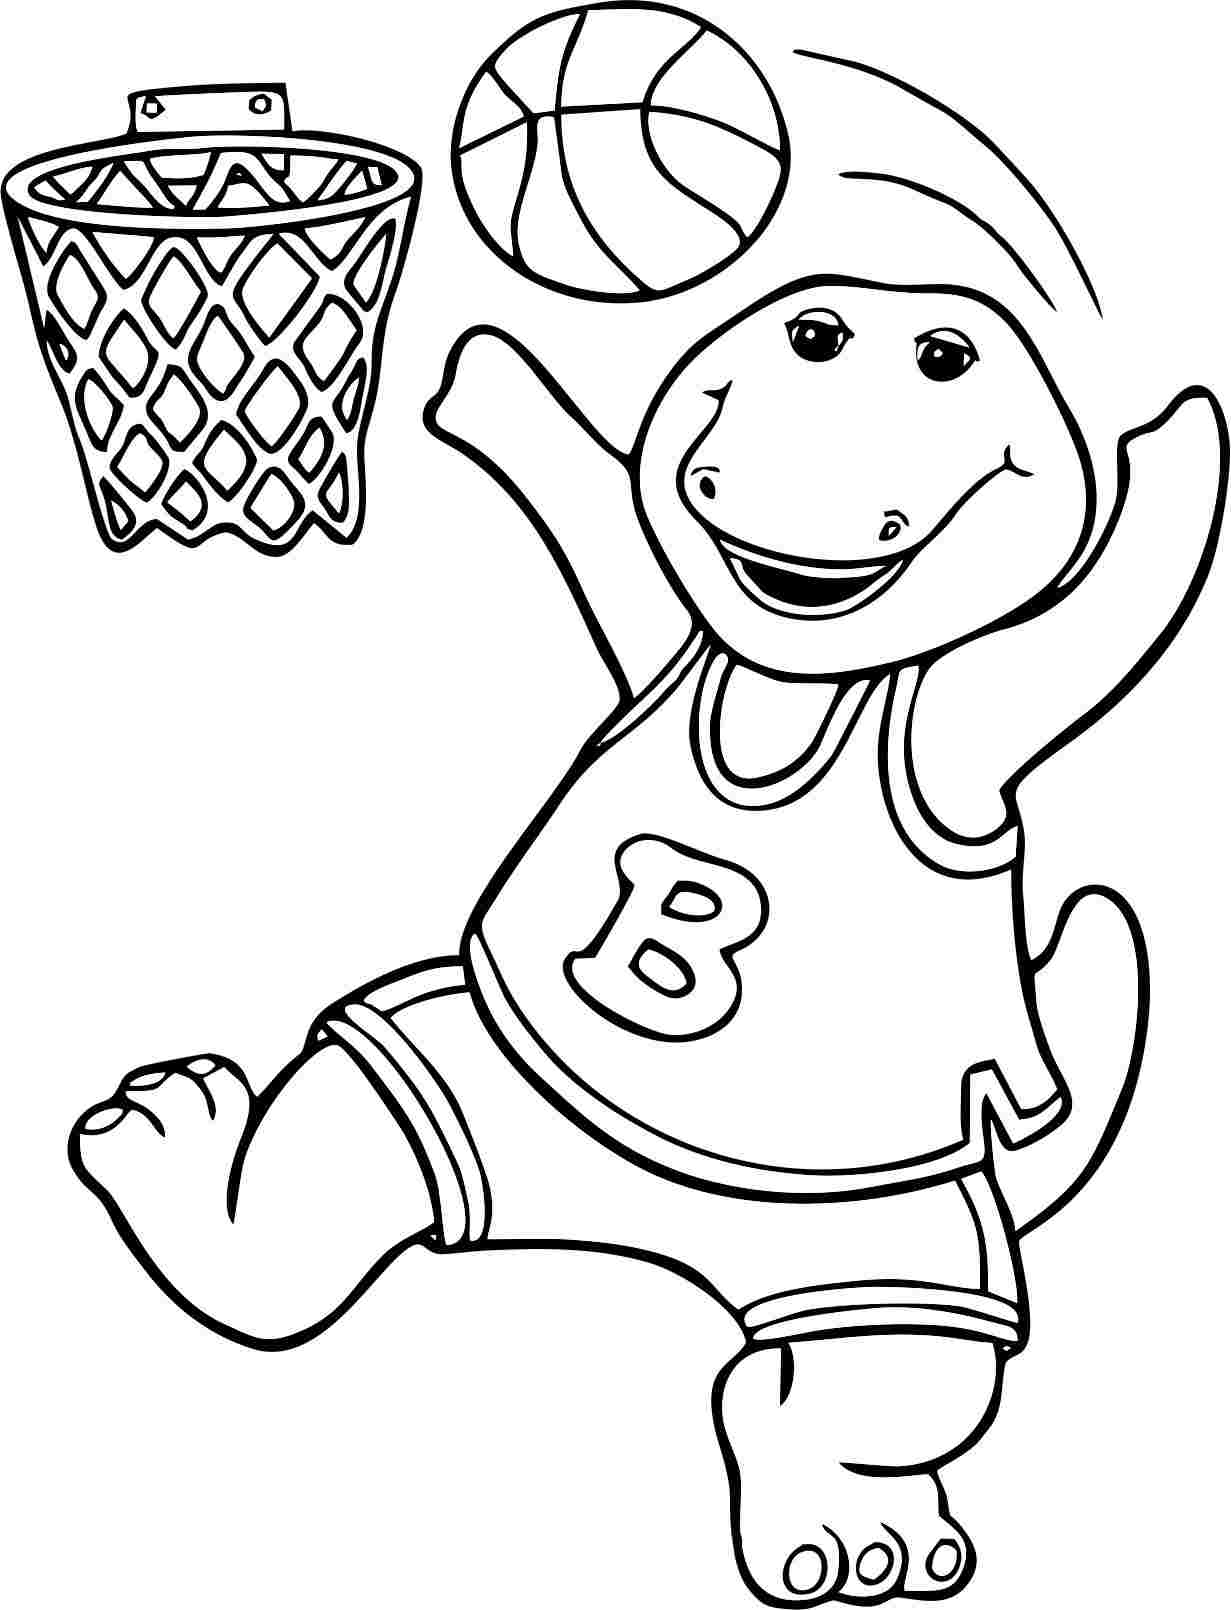 135 Dibujos De Barney Para Colorear